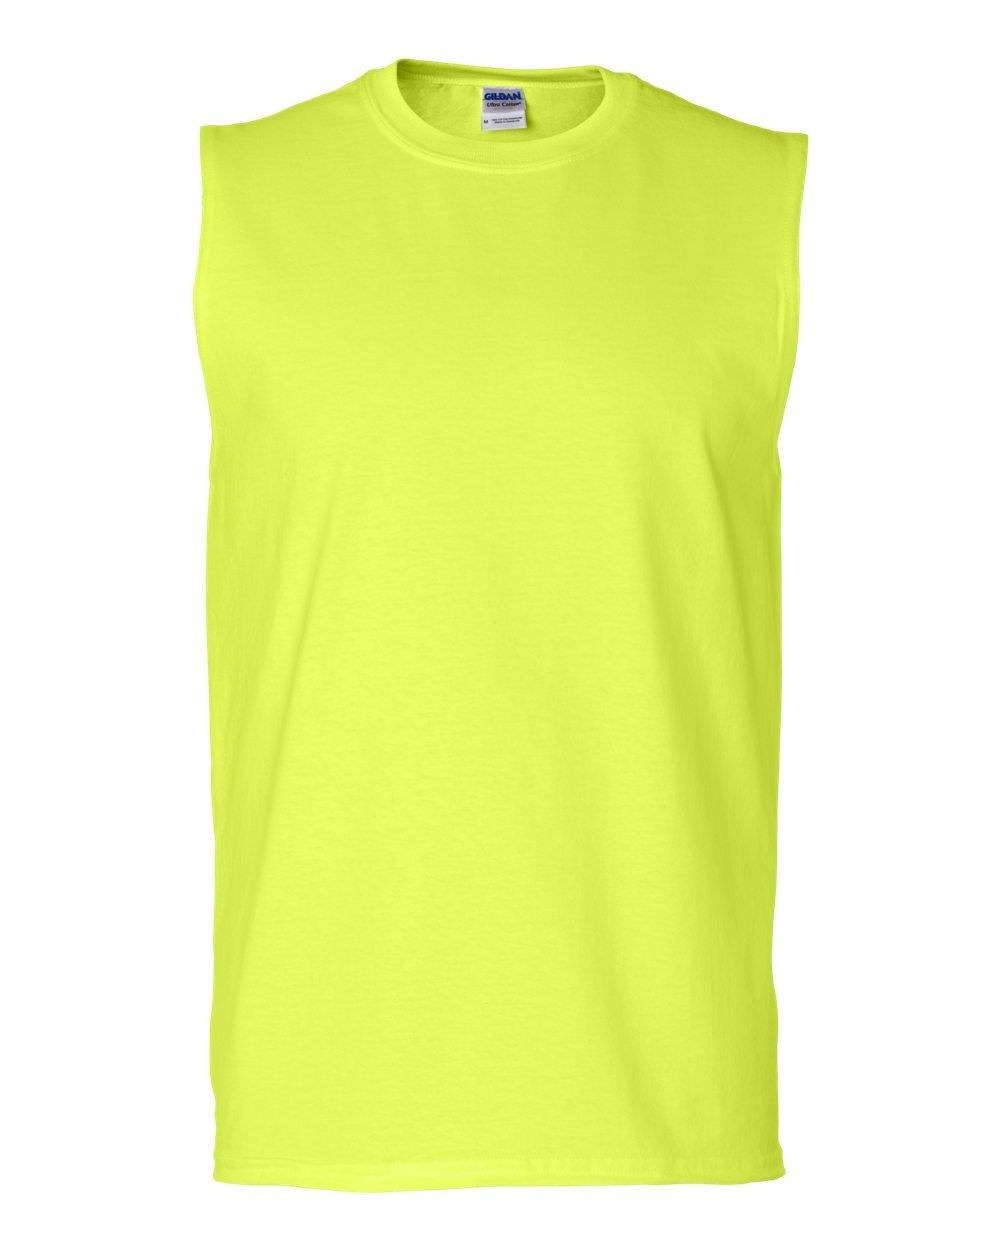 (ギルダン) Gildan メンズ パフォーマンス スポーツベスト ノースリーブ タンクトップ スリーブレスTシャツ 男性用 B014W0VQXS L|グリーン(Safety Green) グリーン(Safety Green) L